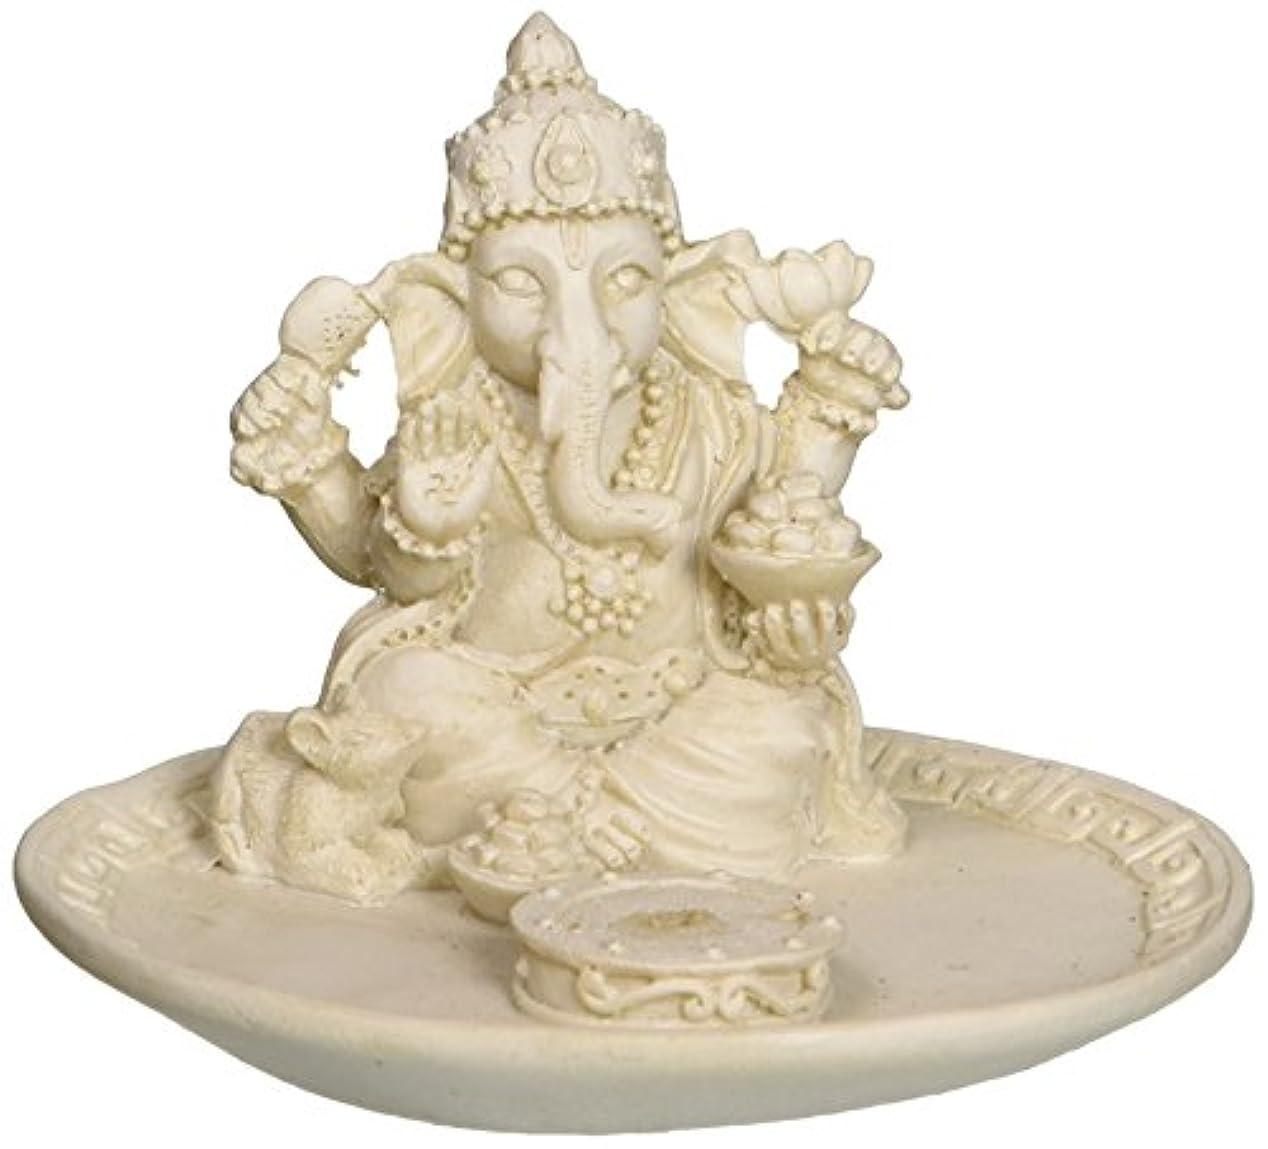 リスキーな暴露イヤホンWhite Beautiful Lord Ganesh Incense Sticks Holder - Ganesha, Laxmi, Shiva, Durga, Kali